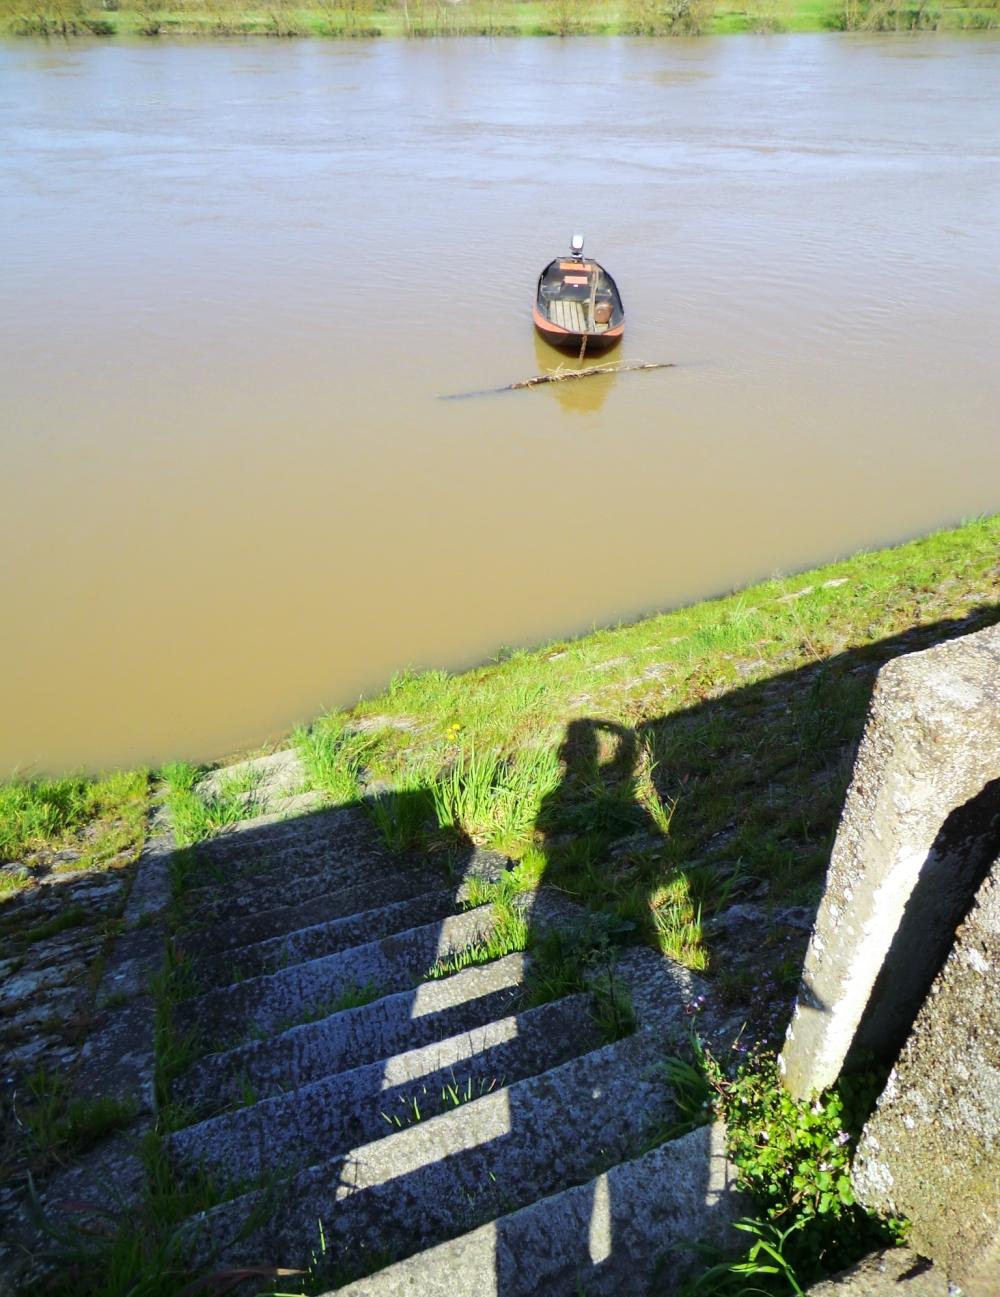 L'ombre s'immobilise au tournant de la barque